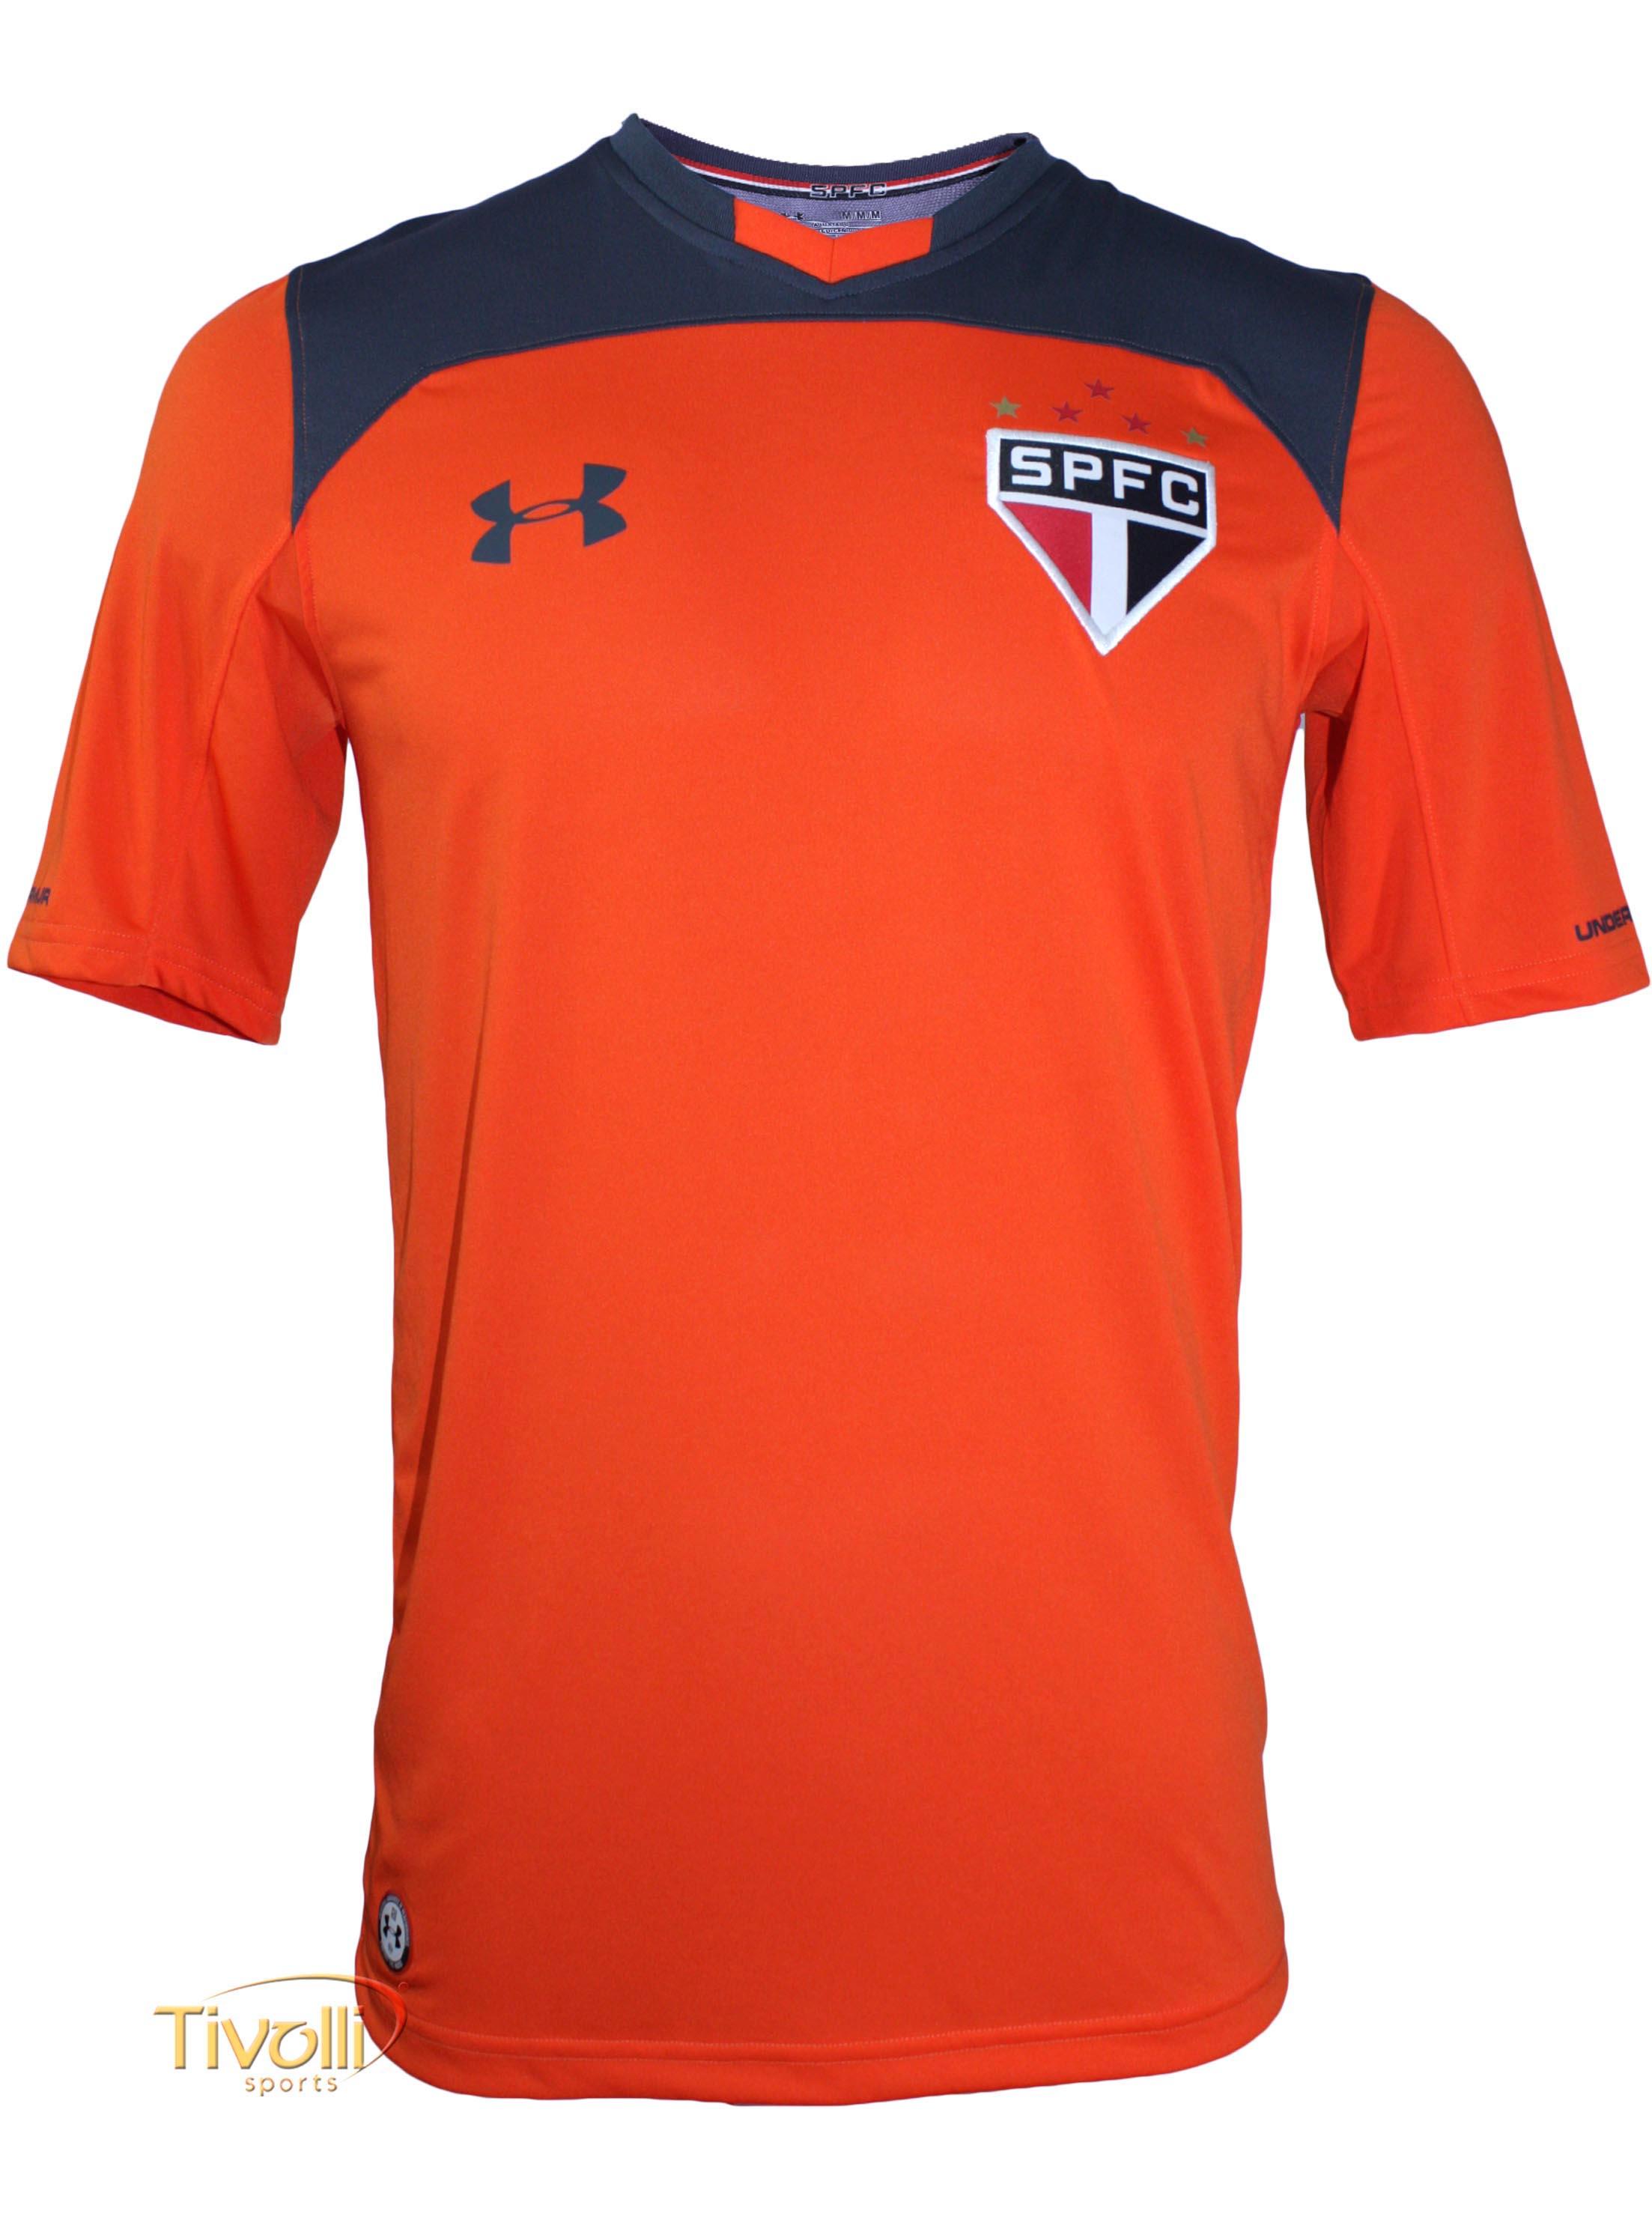 2cb6ab23efd Camisa São Paulo SPFC Goleiro 2017 2018 Under Armour